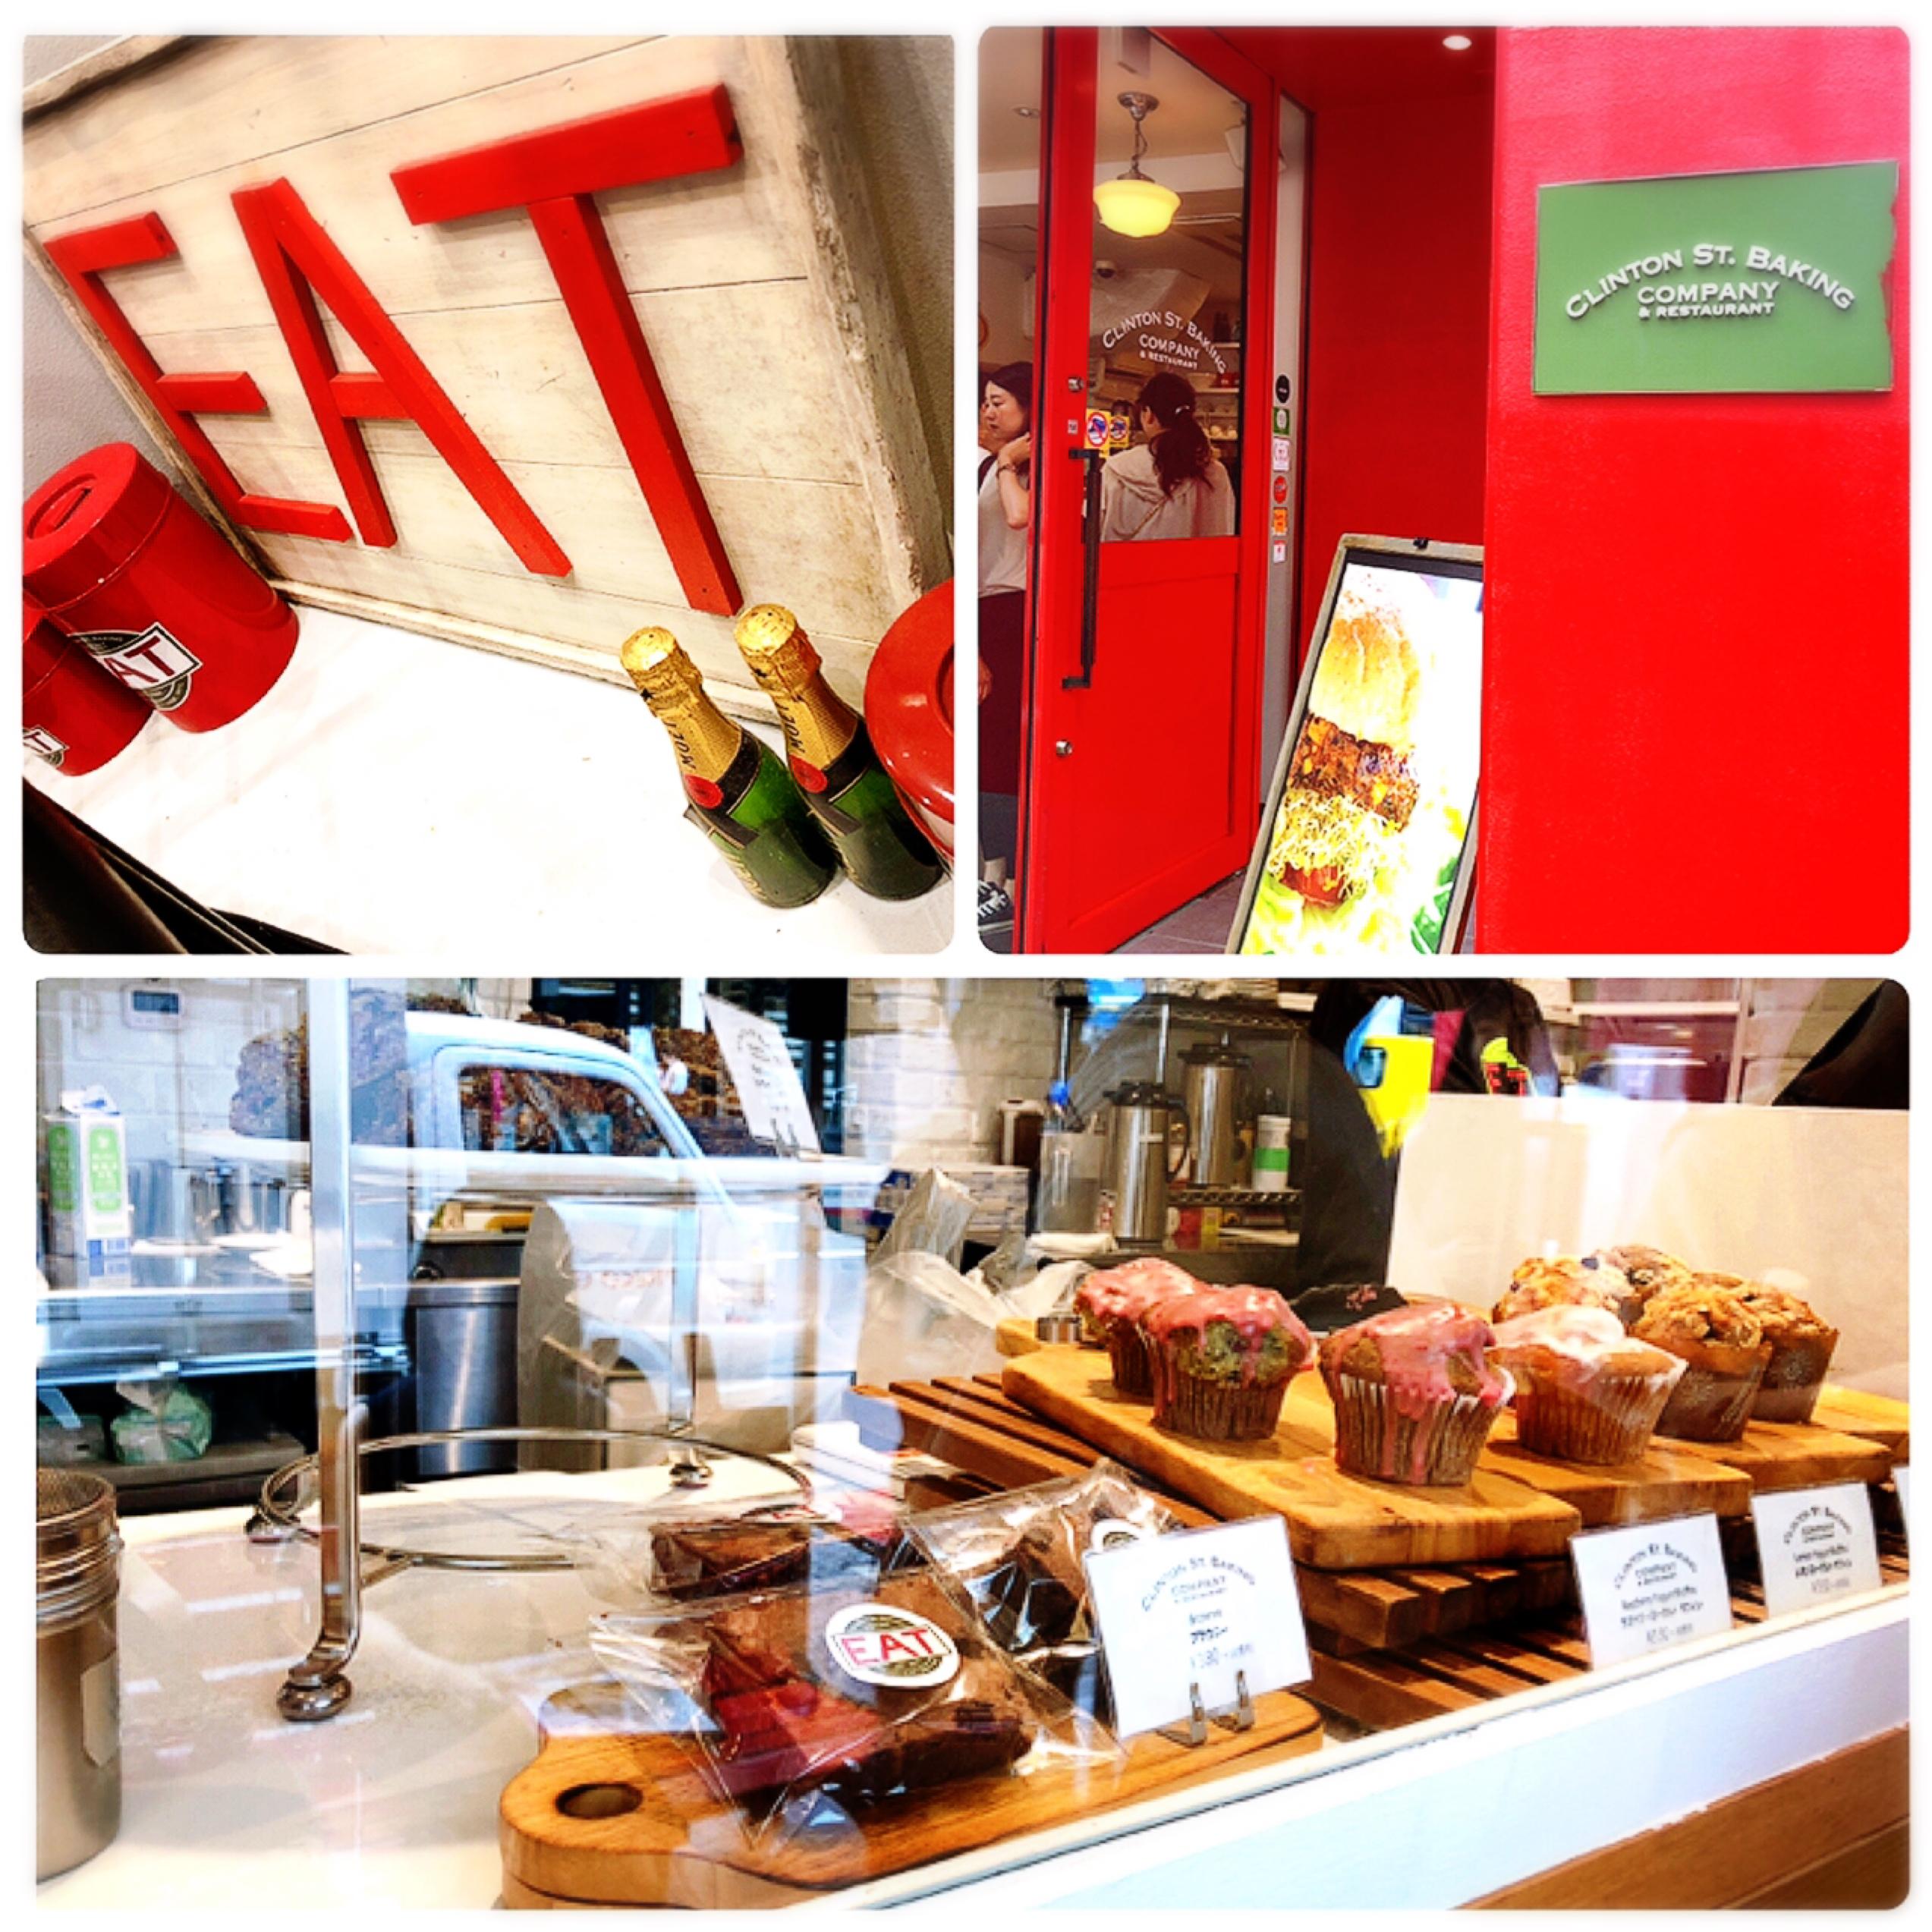 【表参道】NYで大人気のパンケーキを東京 南青山で♩CLINTON ST. BAKING COMPANY_10